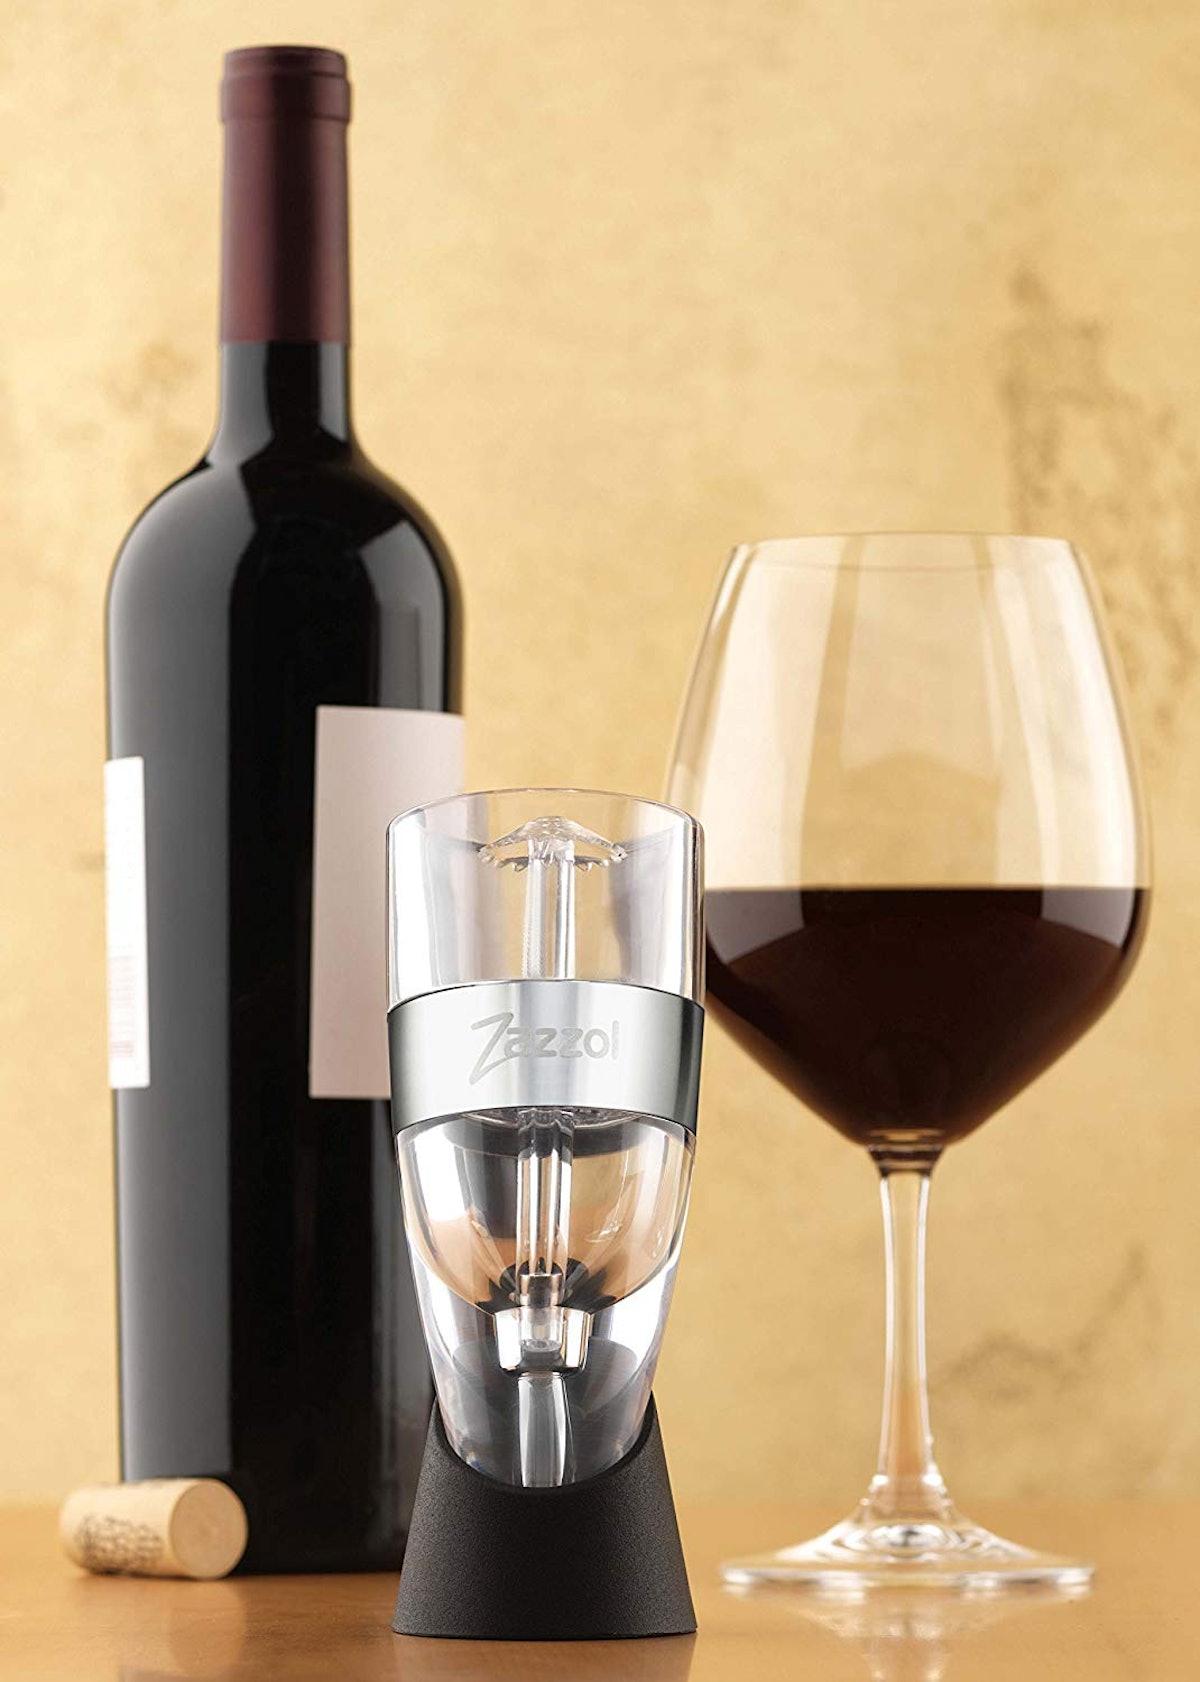 Zazzol Wine Aerator Decanter